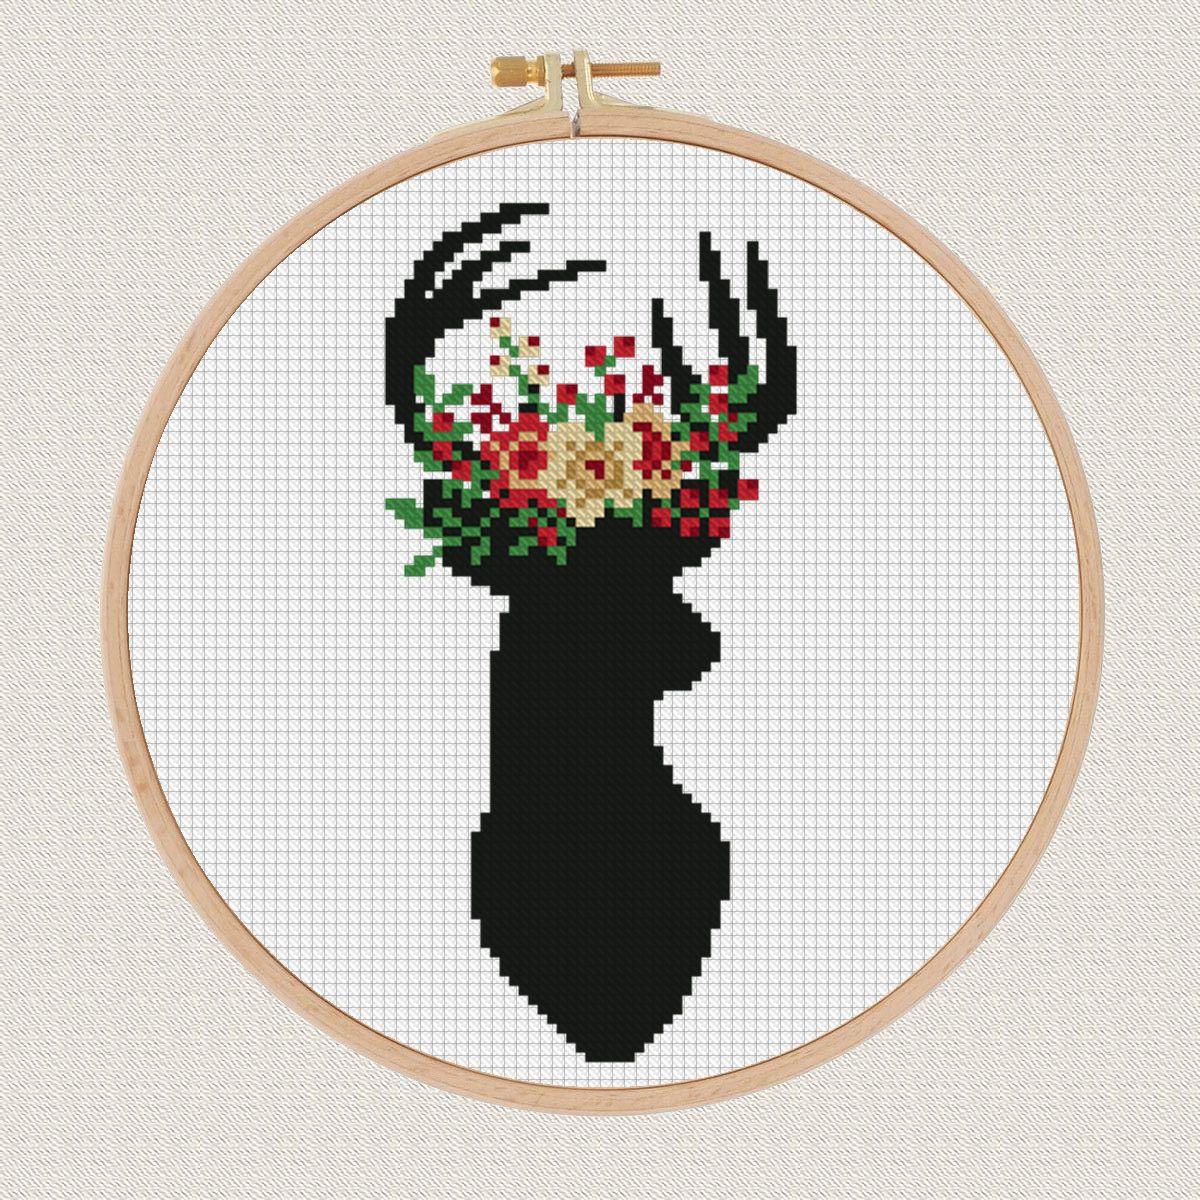 Photo of Blumen Kreuzstich Stickerei Nadel Hirschgeweih Blume Thema Querheftungskreuzheftungs Geweih Antlers Stag Kreuzstich